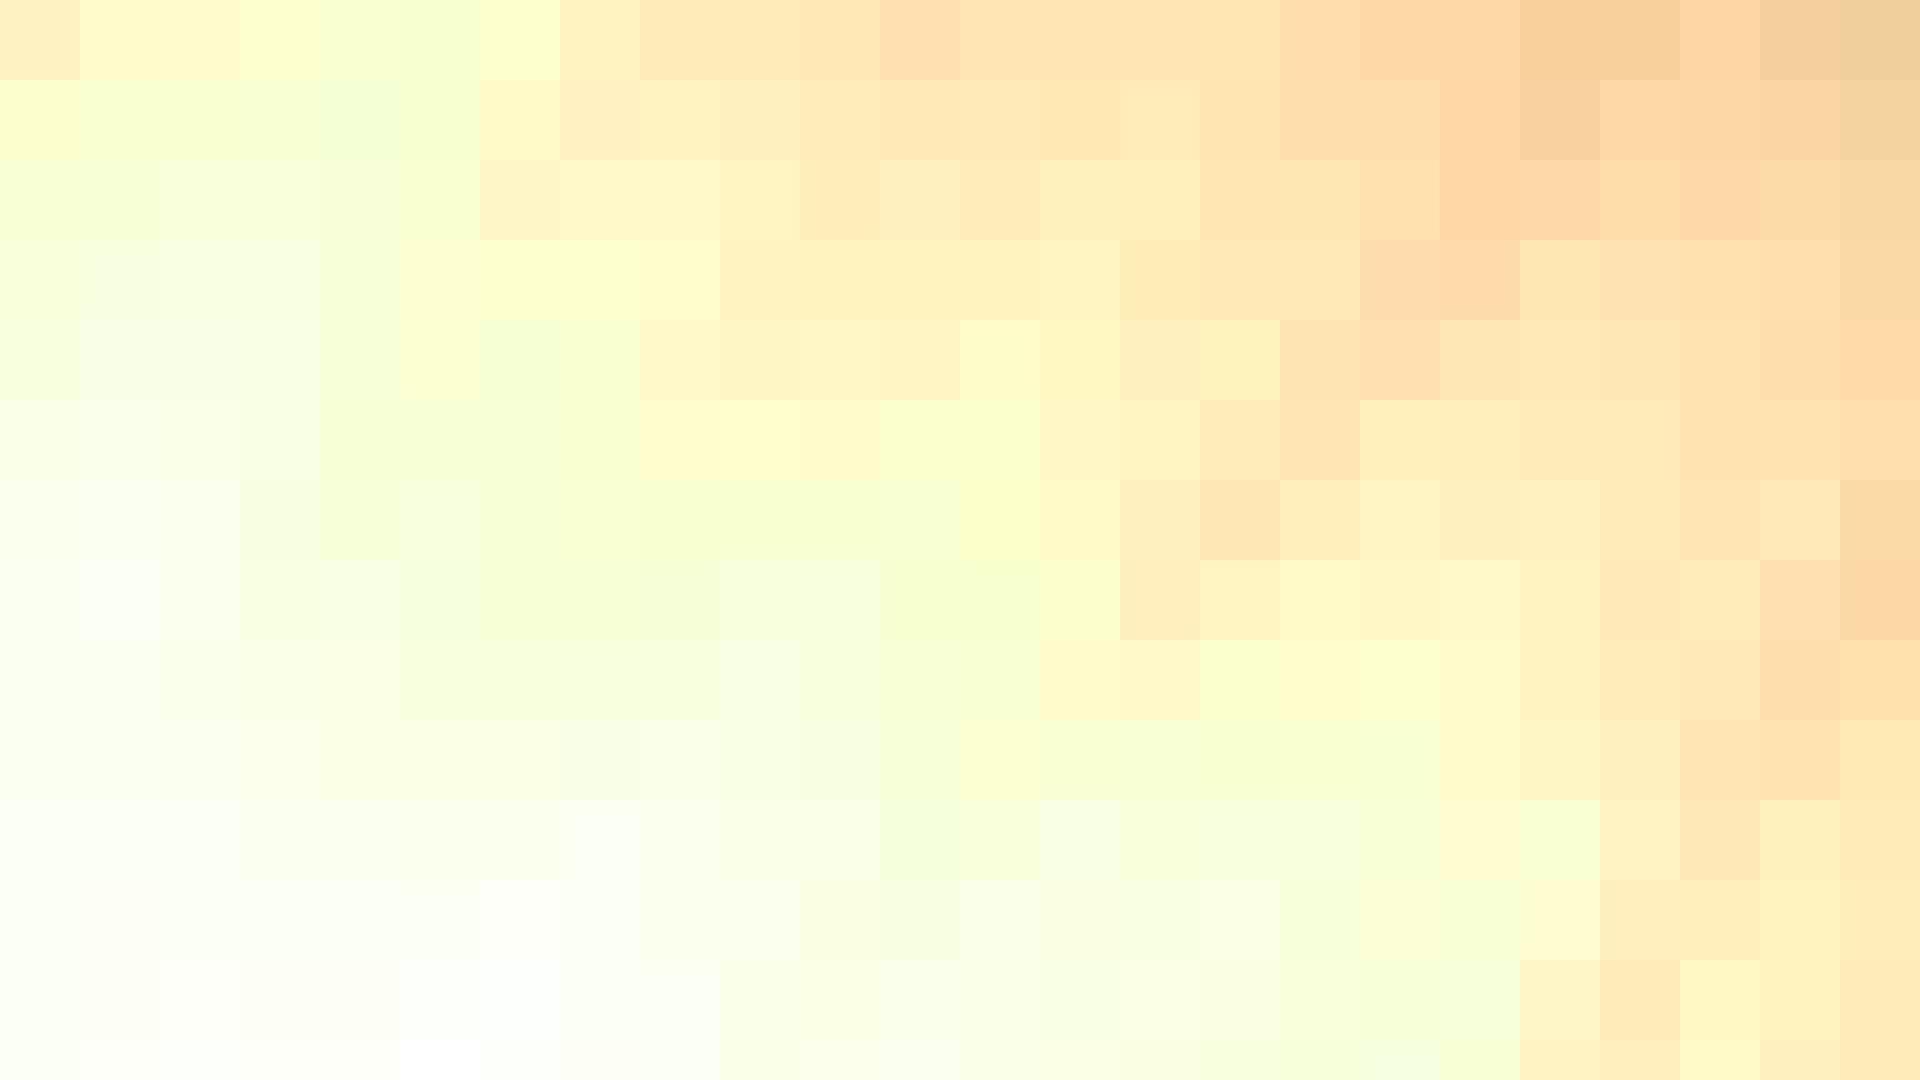 阿国ちゃんの「和式洋式七変化」No.17 お姉さん攻略 AV動画キャプチャ 87画像 21